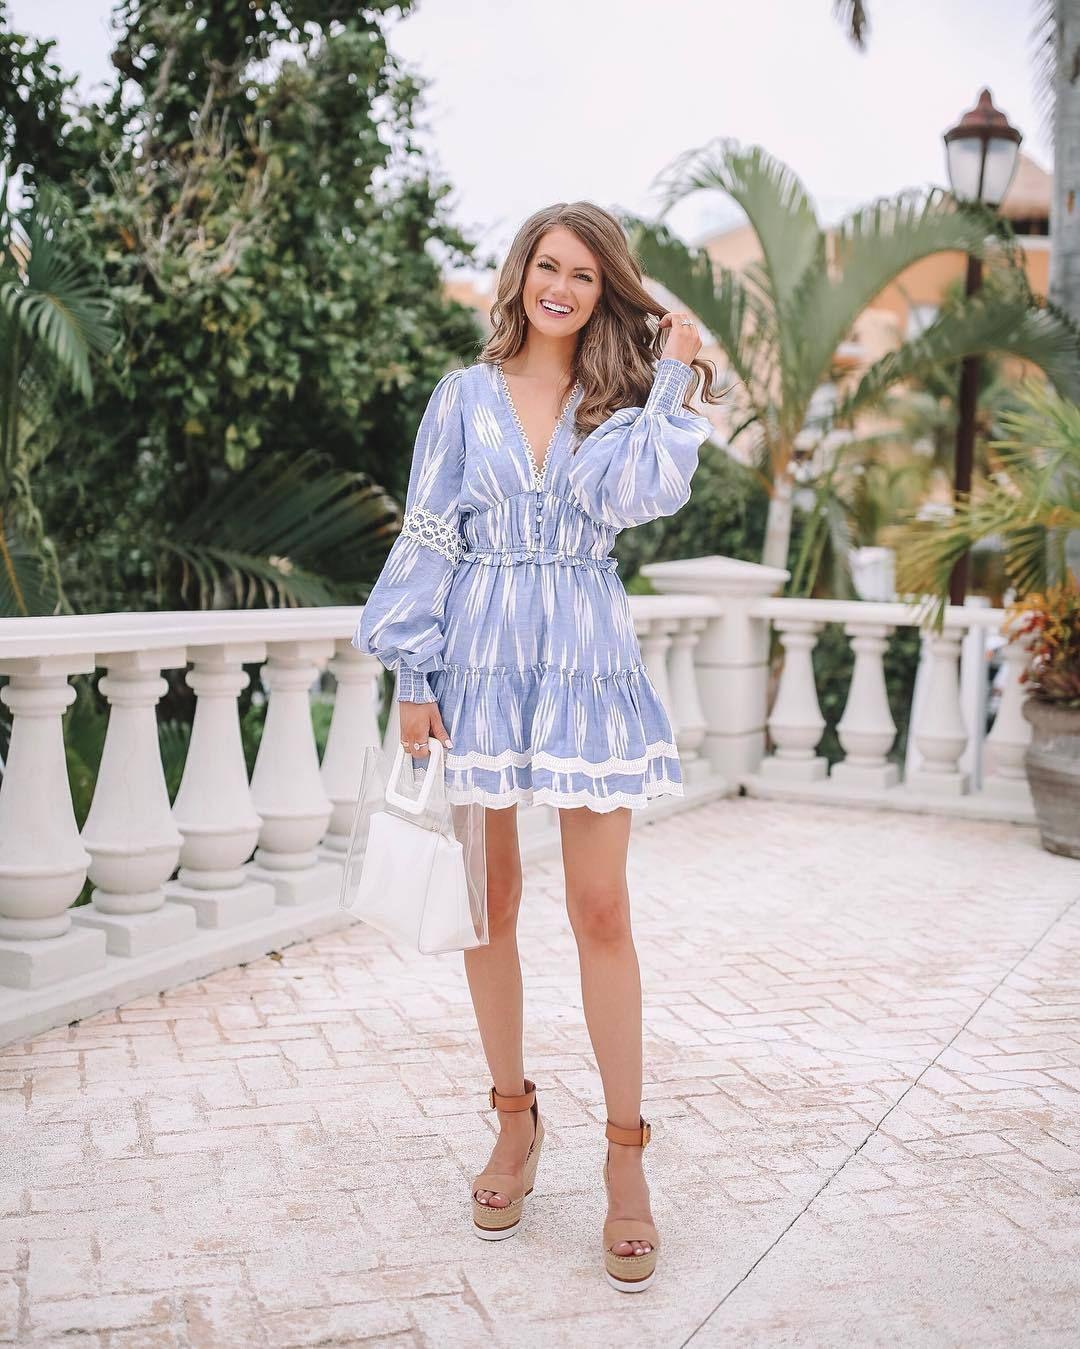 Dress, $345 at revolve.com – Wheretoget